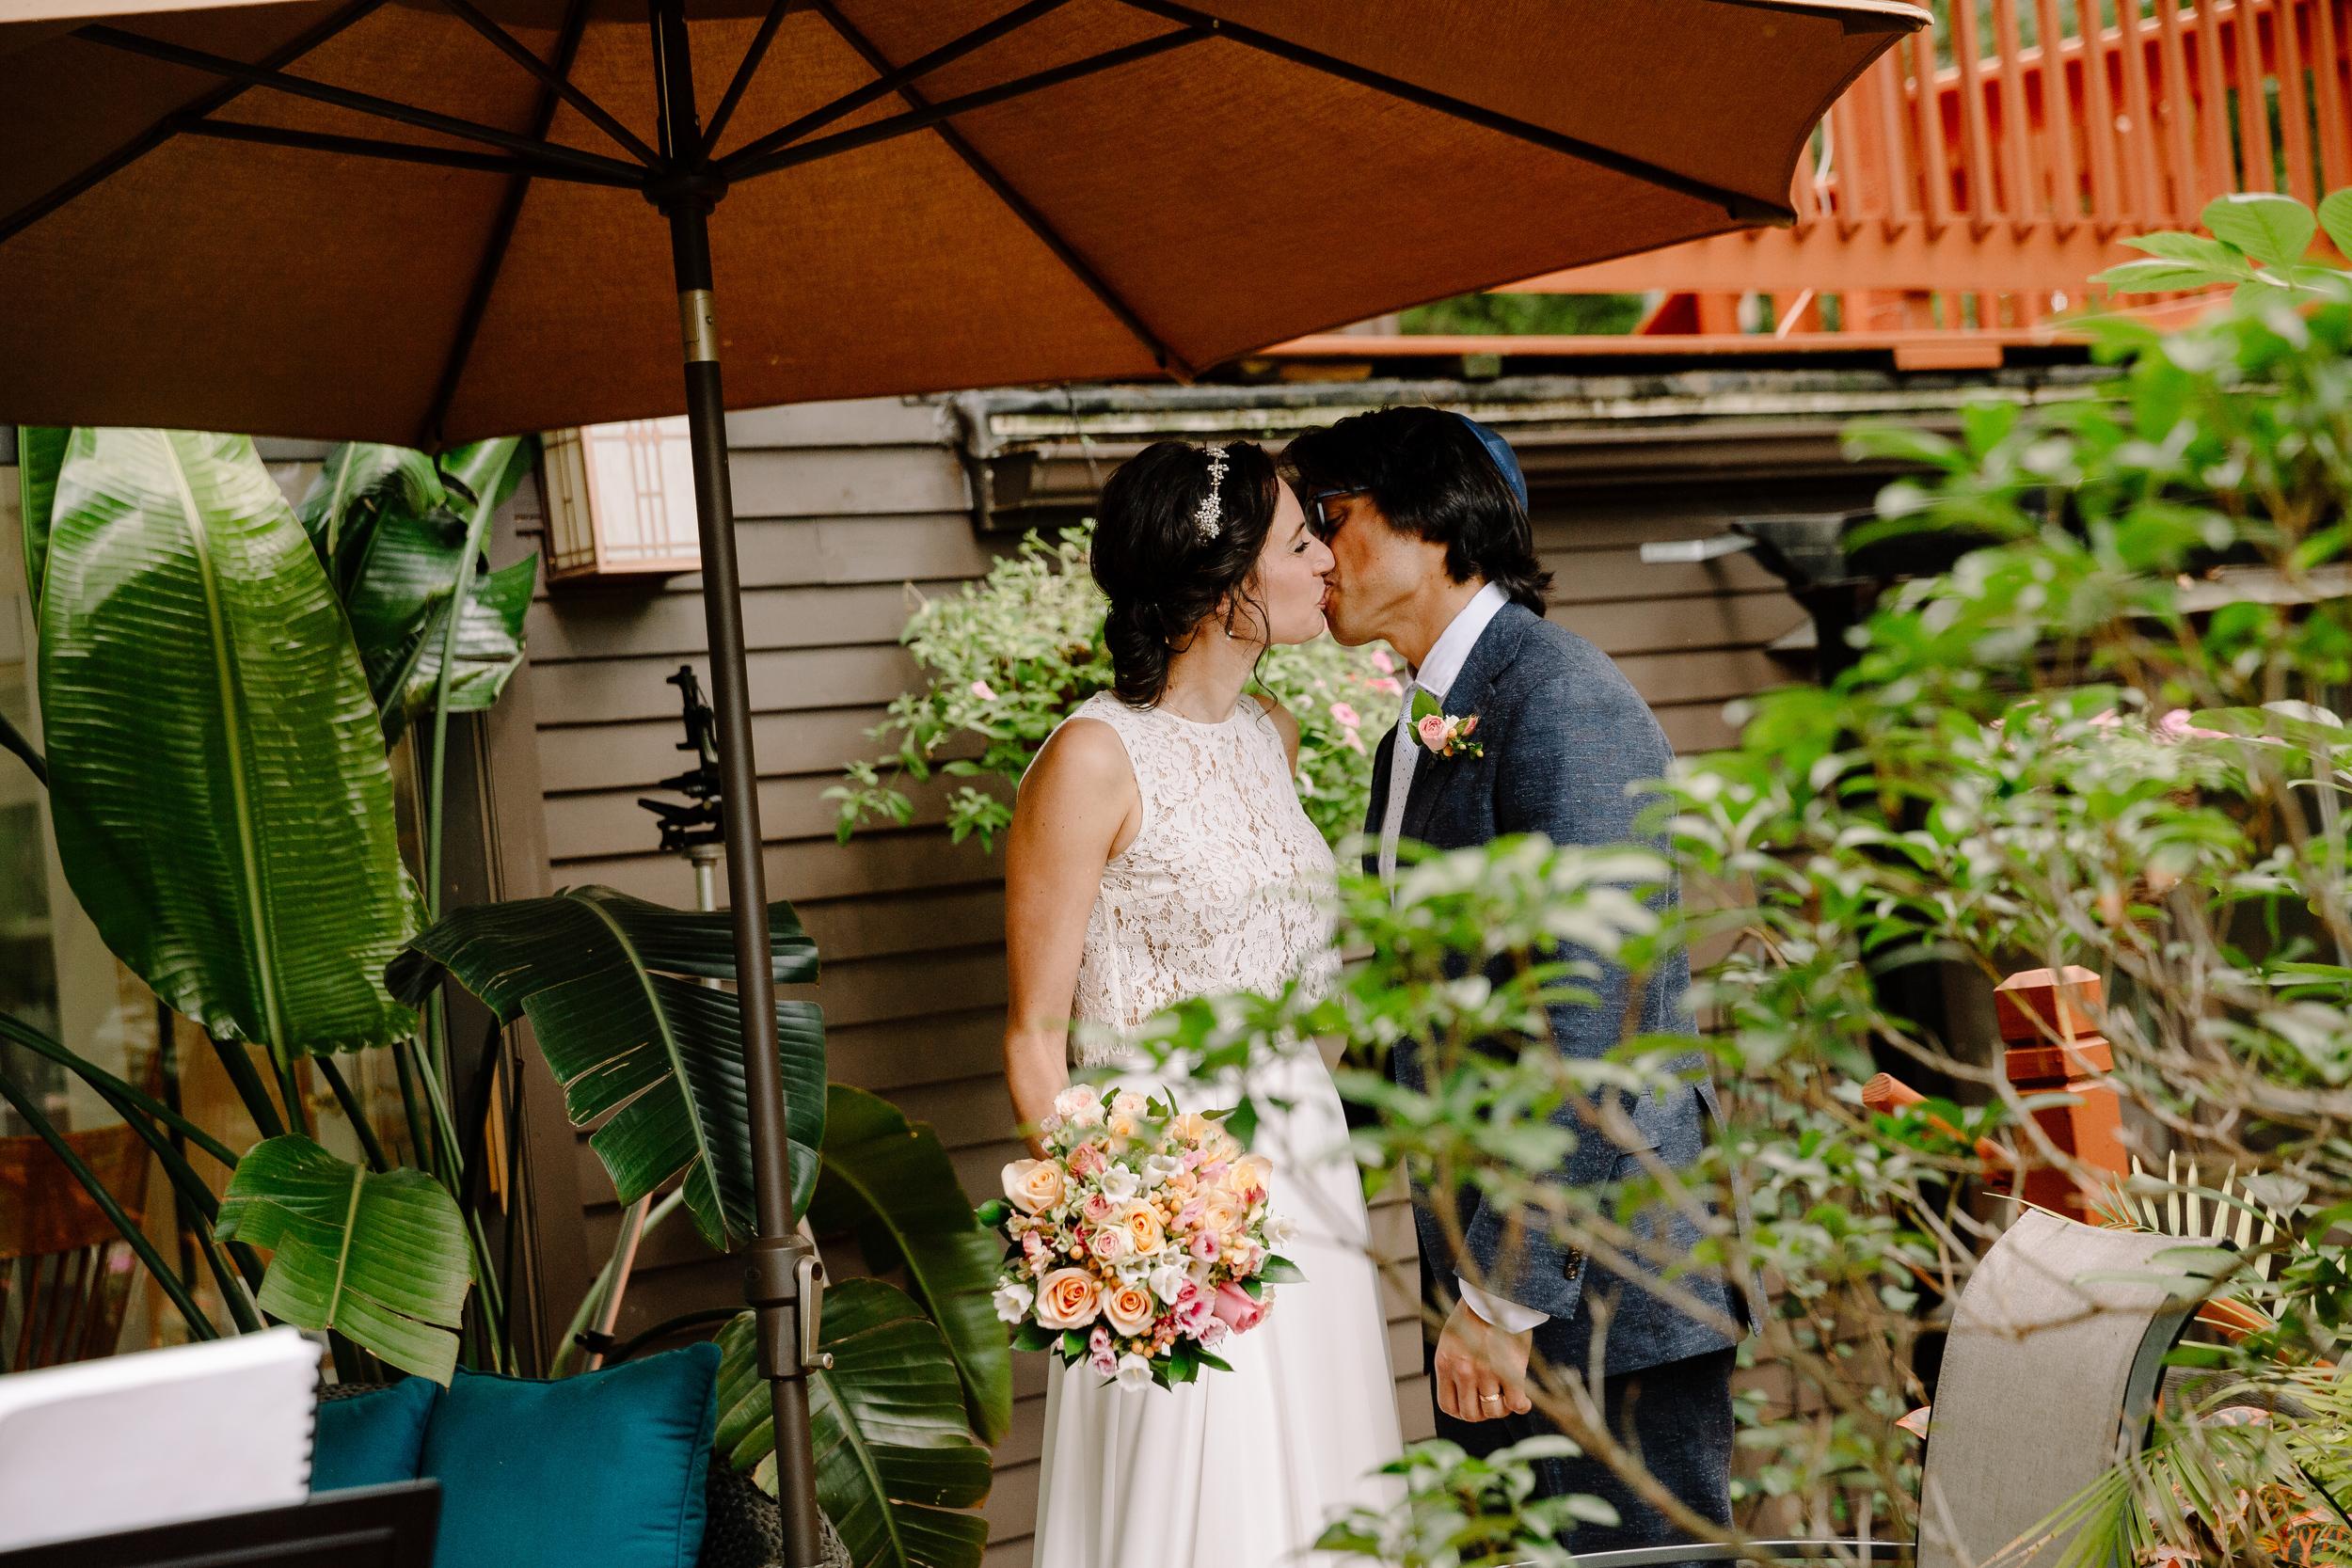 capecod_backyard_wedding_photos_mikhail_27.JPG